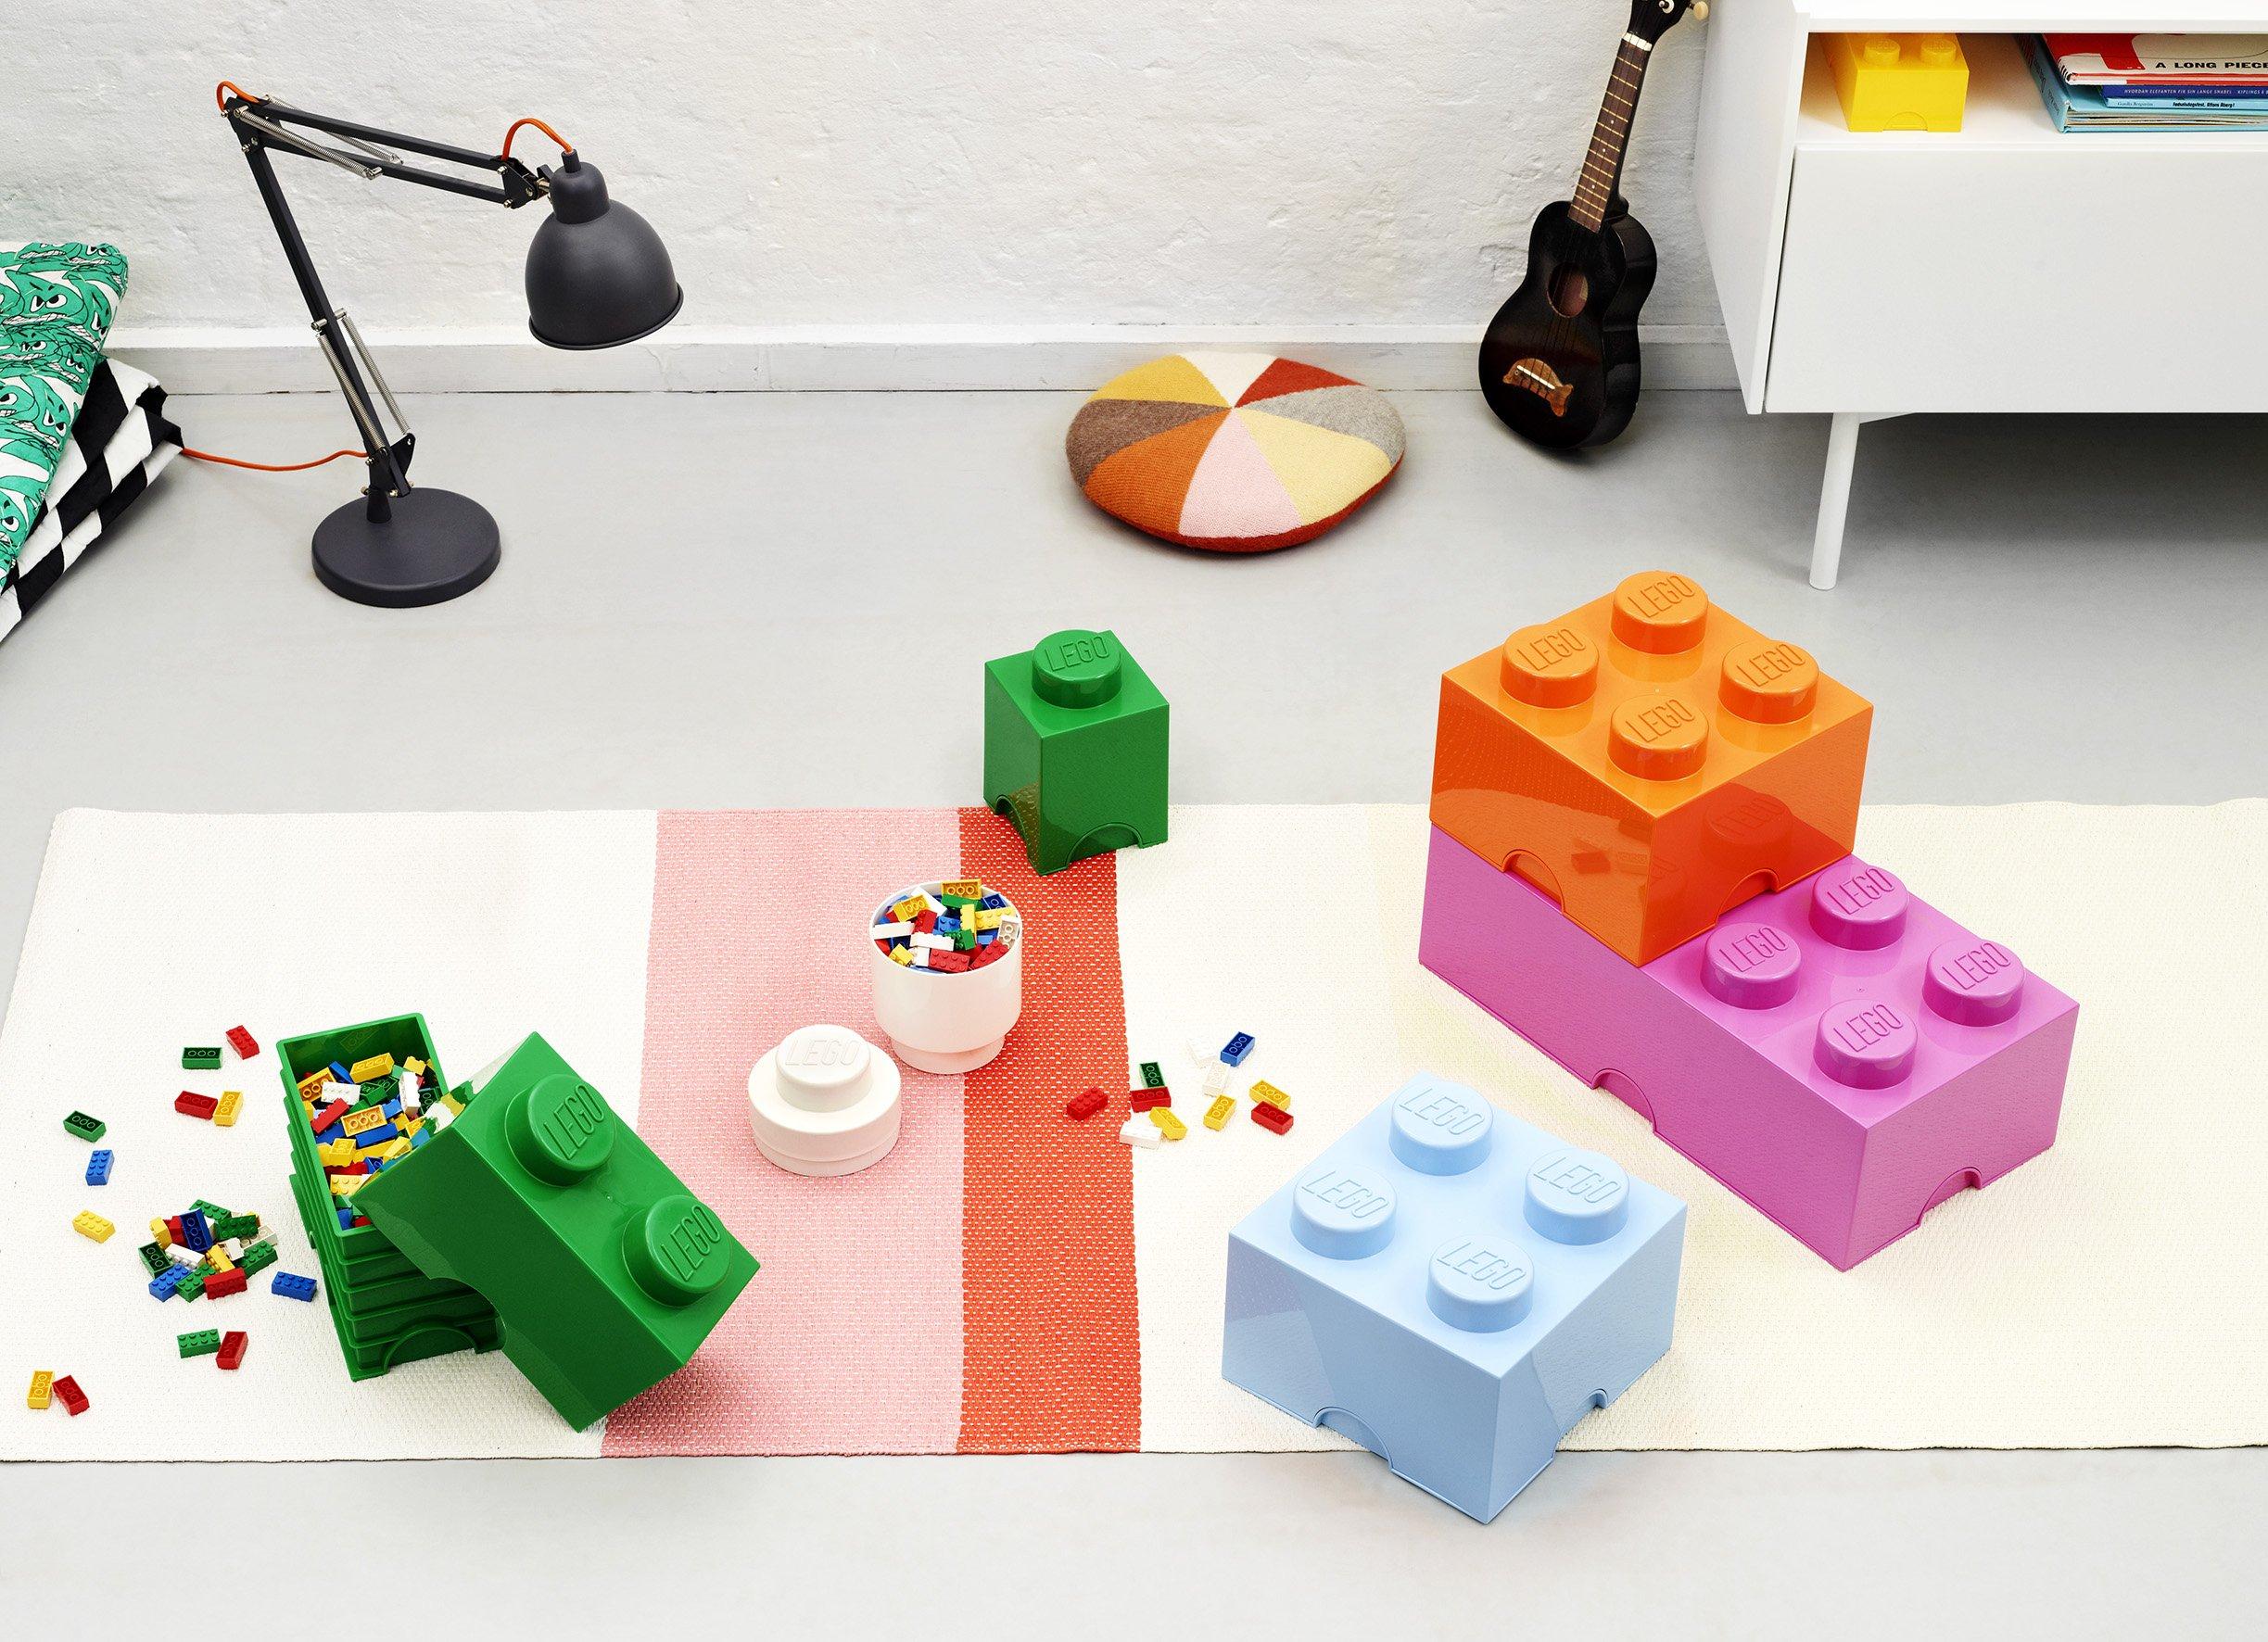 LEGO - Scatola stoccaggio, Arancione, & Room Copenhagen Classic Mattoncino Bottoncini,Contenitore impilabile Litri… 3 spesavip